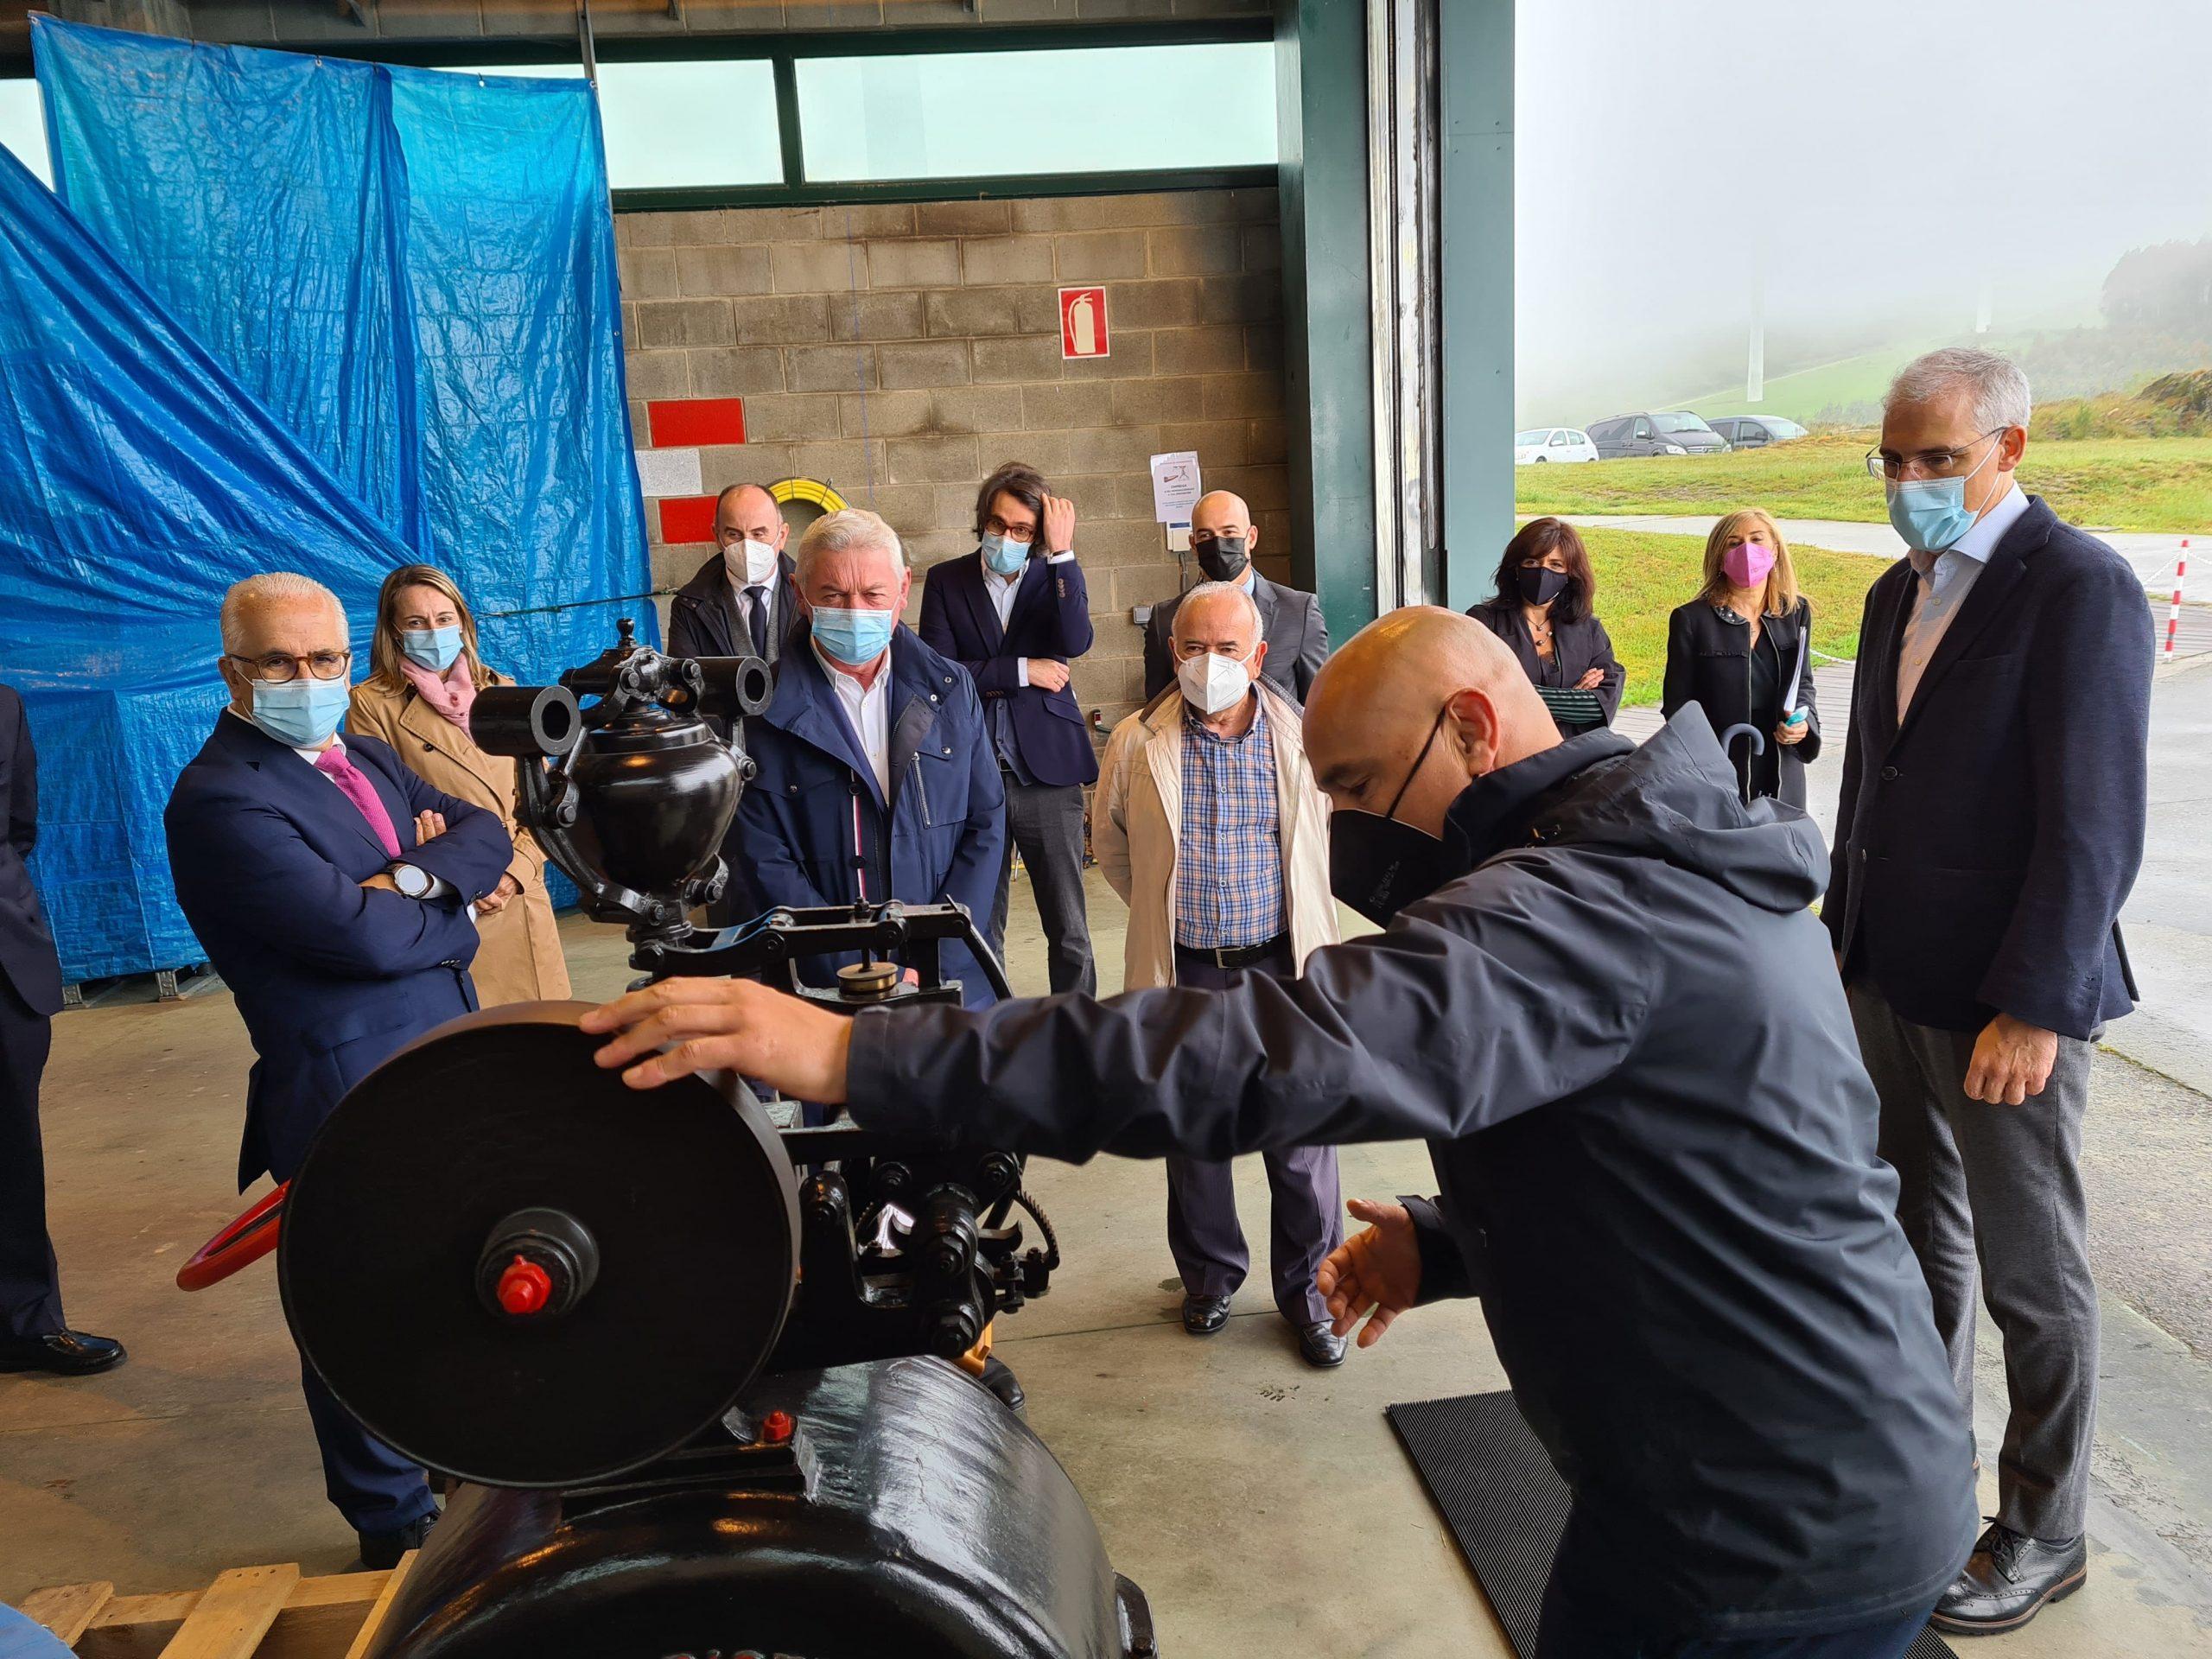 A Xunta ensalza o compromiso de Sotavento no desenvolvemento das enerxías renovables en Galicia a través da I+D+i e a pedagoxía